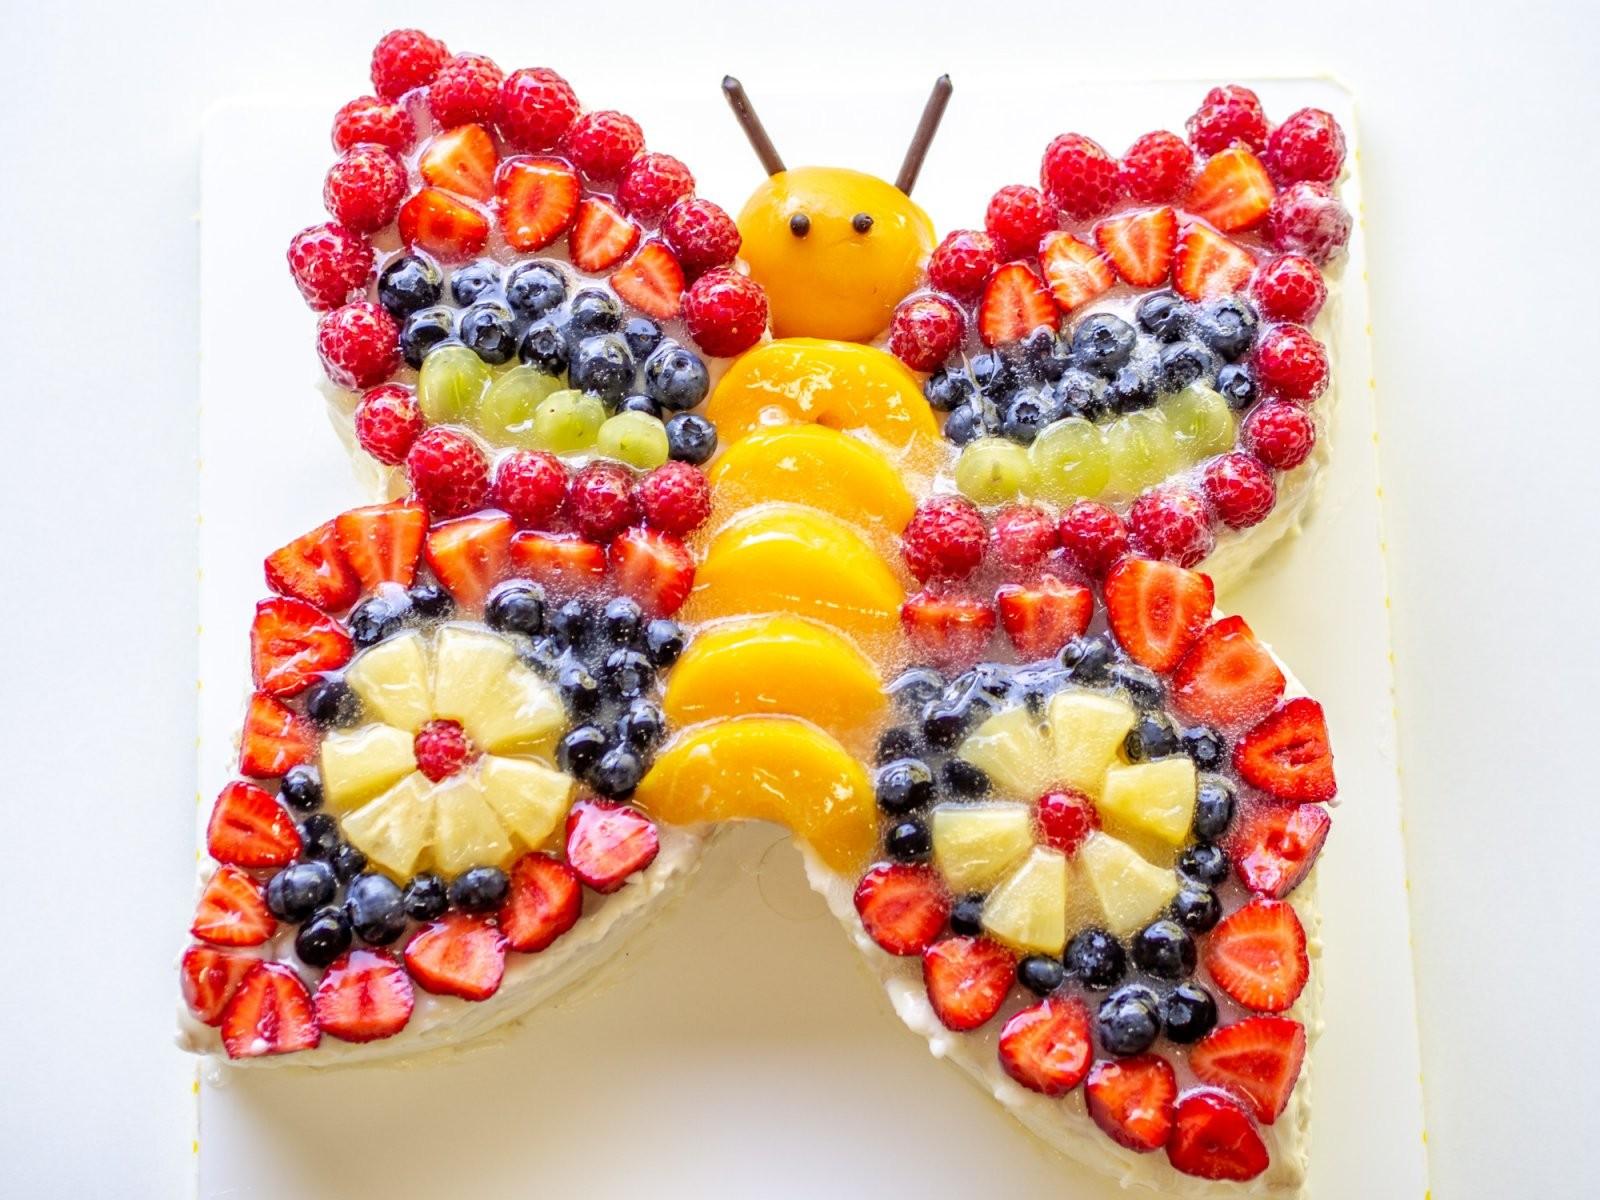 Bunter Schmetterlingstorte Mit Viel Obst Dekoriert  Perfekt Für Kinder von Obst Deko Für Kindergeburtstag Bild